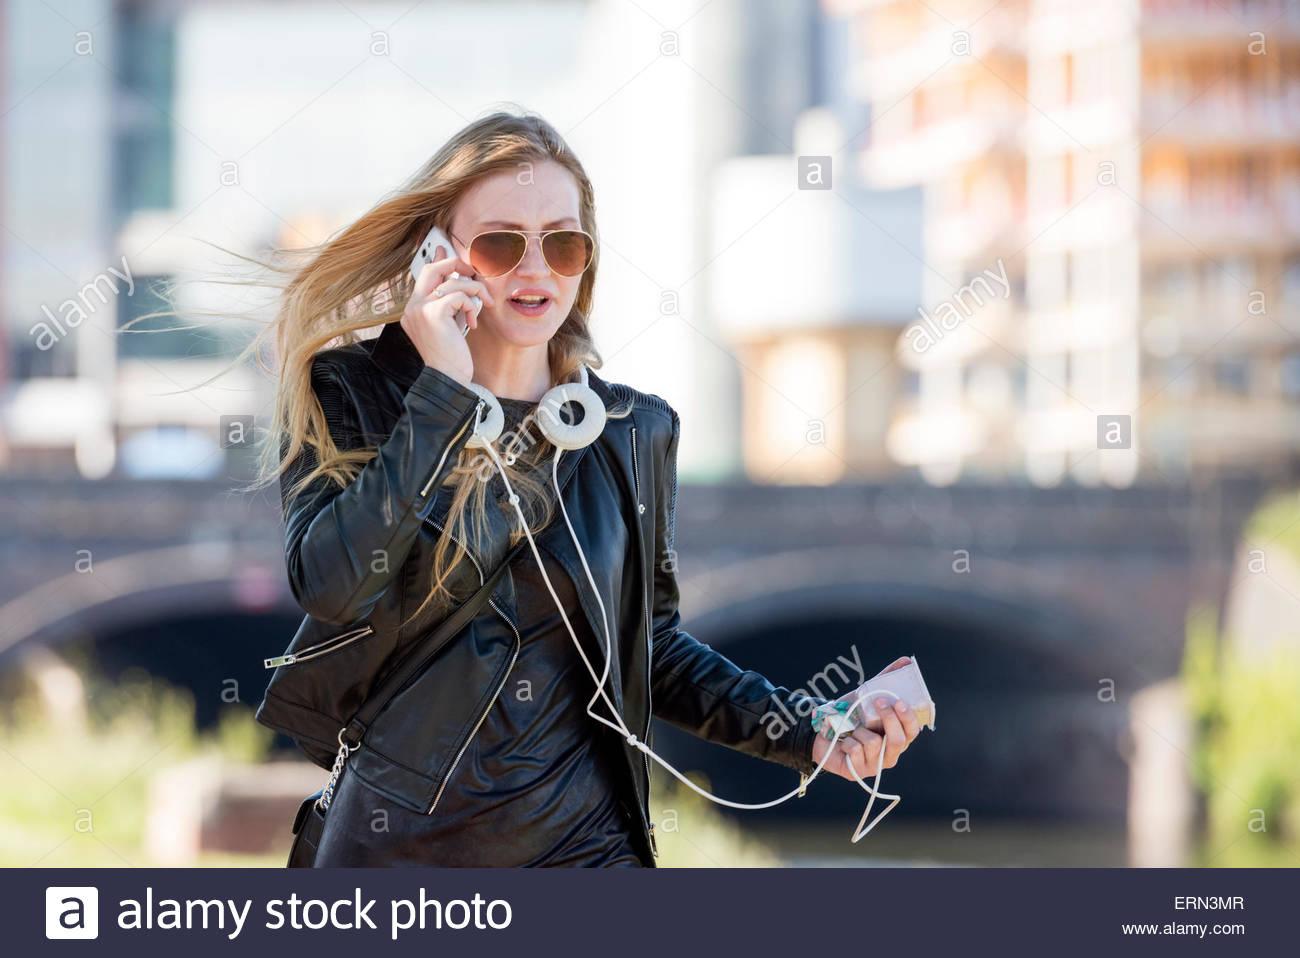 Joven Mujer rubia hablando por un teléfono móvil mientras camina por la calle en Cardiff, Gales, Reino Imagen De Stock